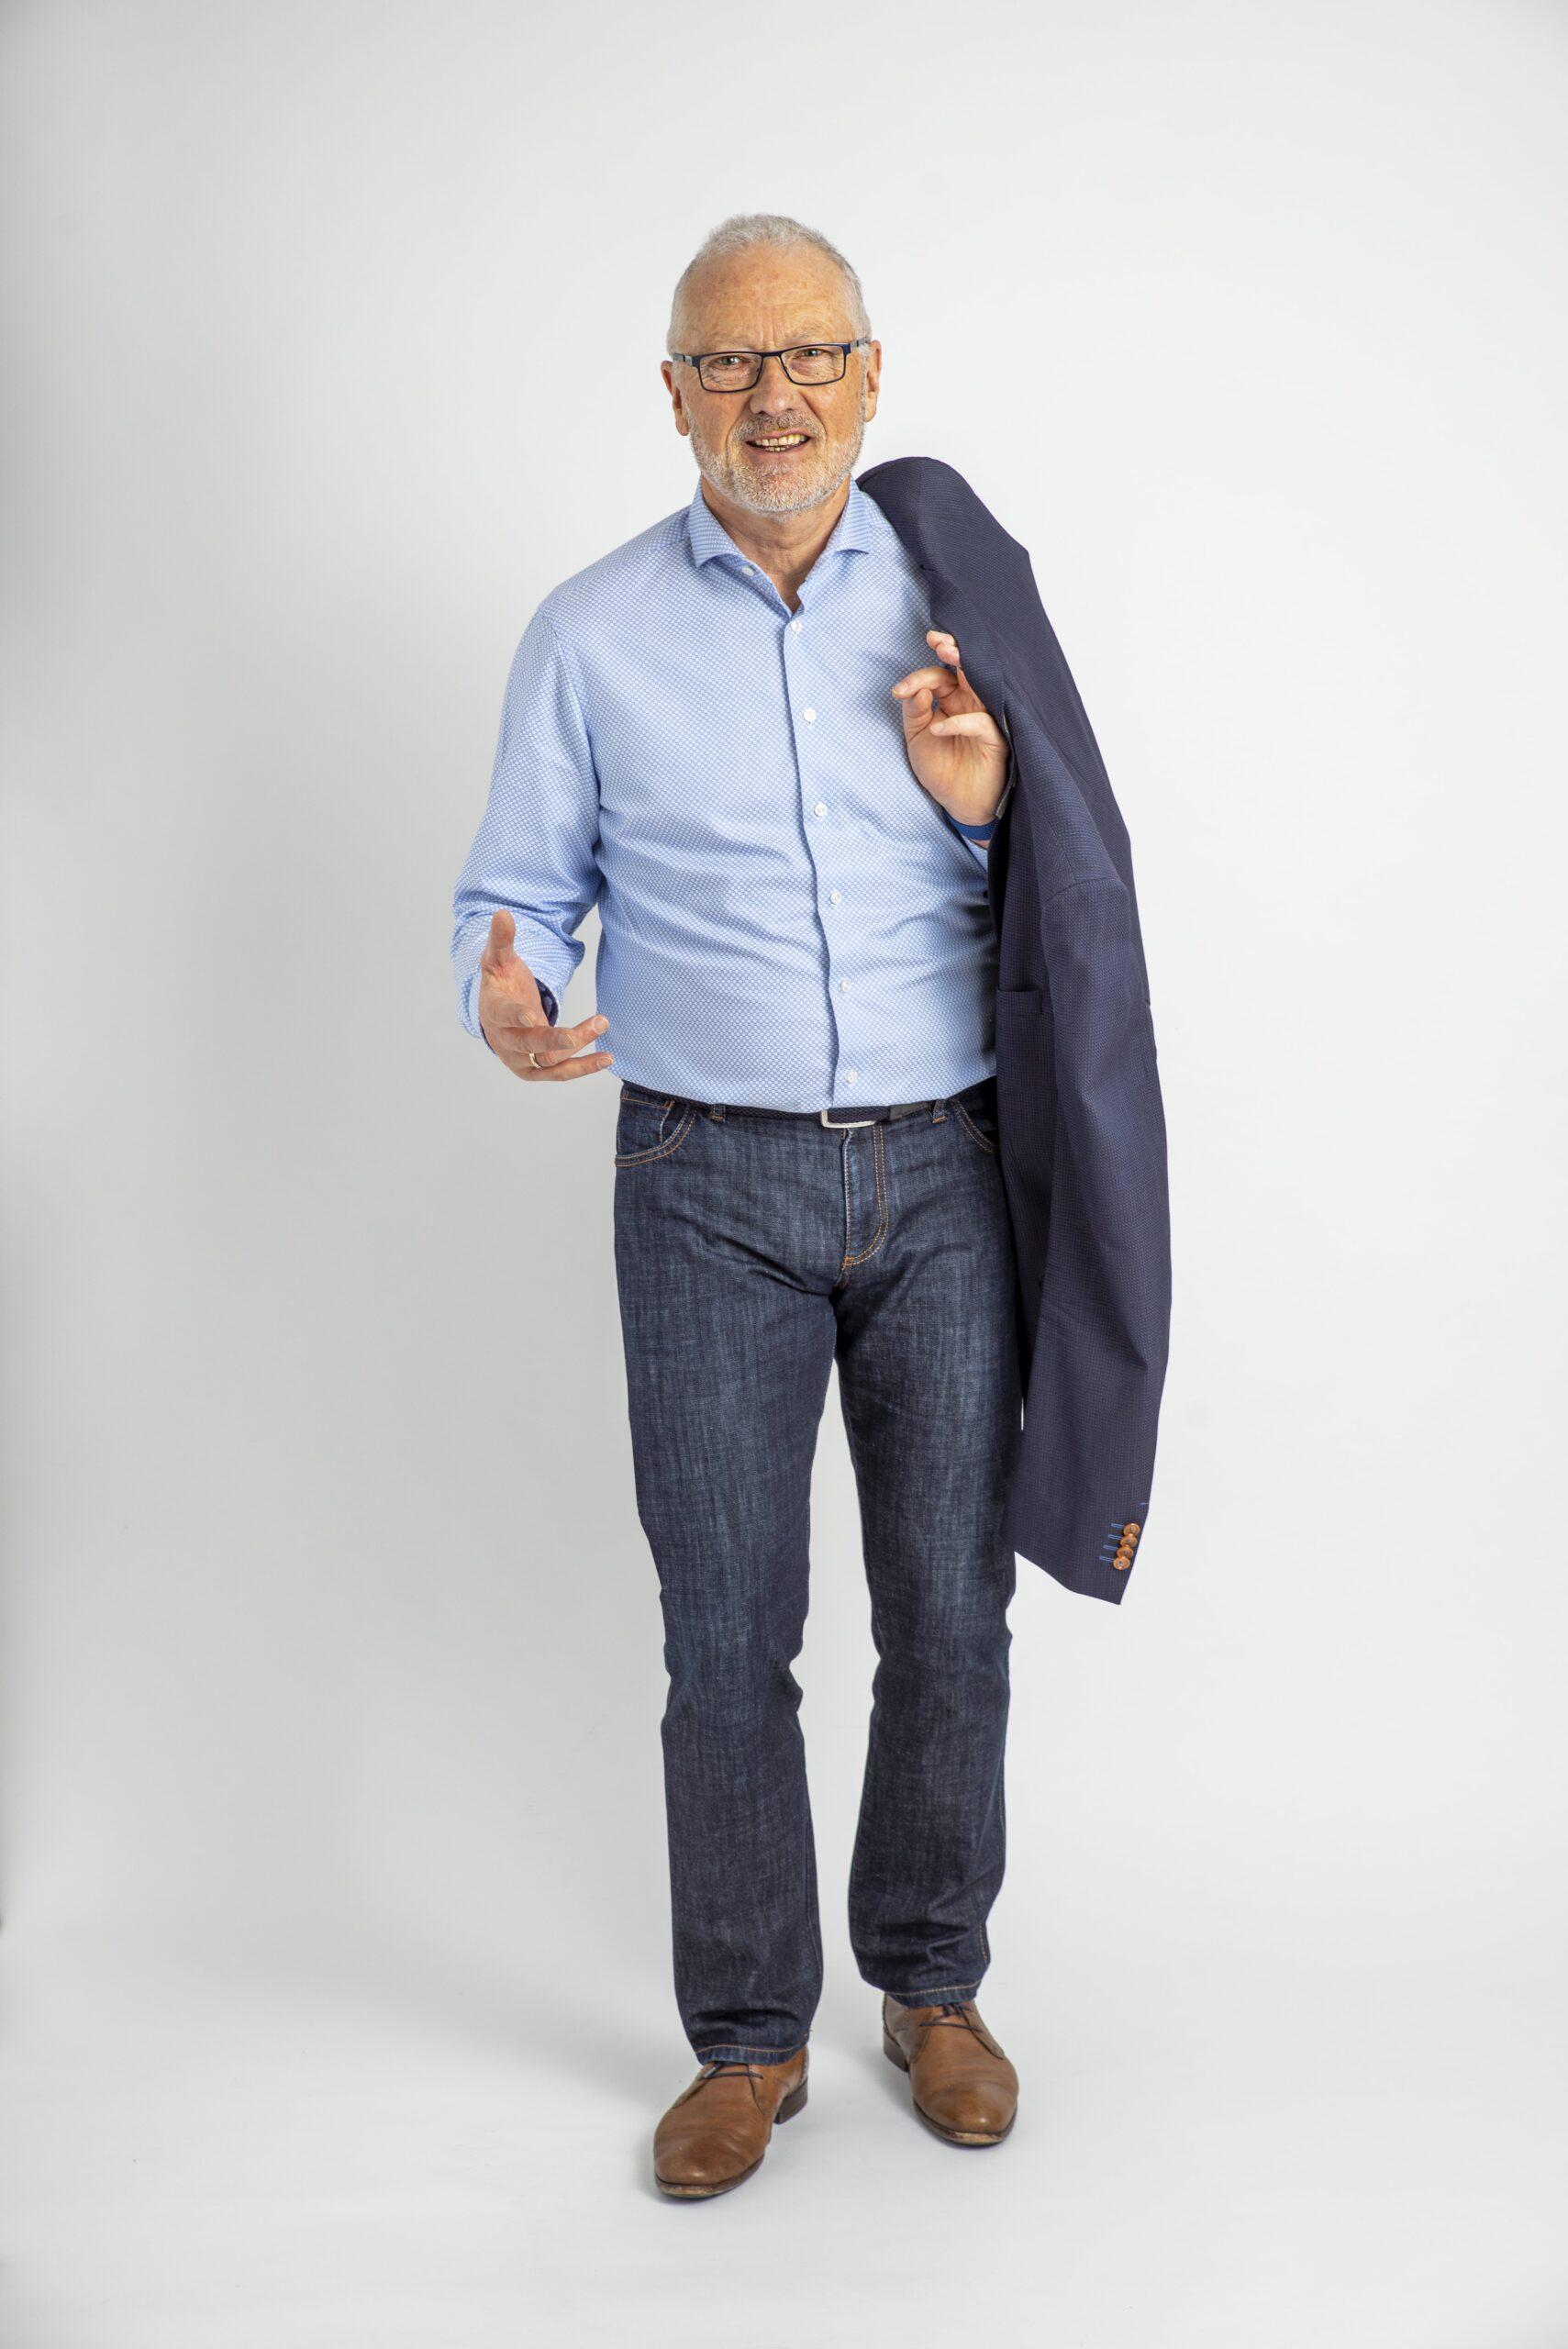 CHANGEWORK Führungstankstelle - Werner Pfeifer - Beratung für Führung und Veränderung - Coaching - Führungsteams